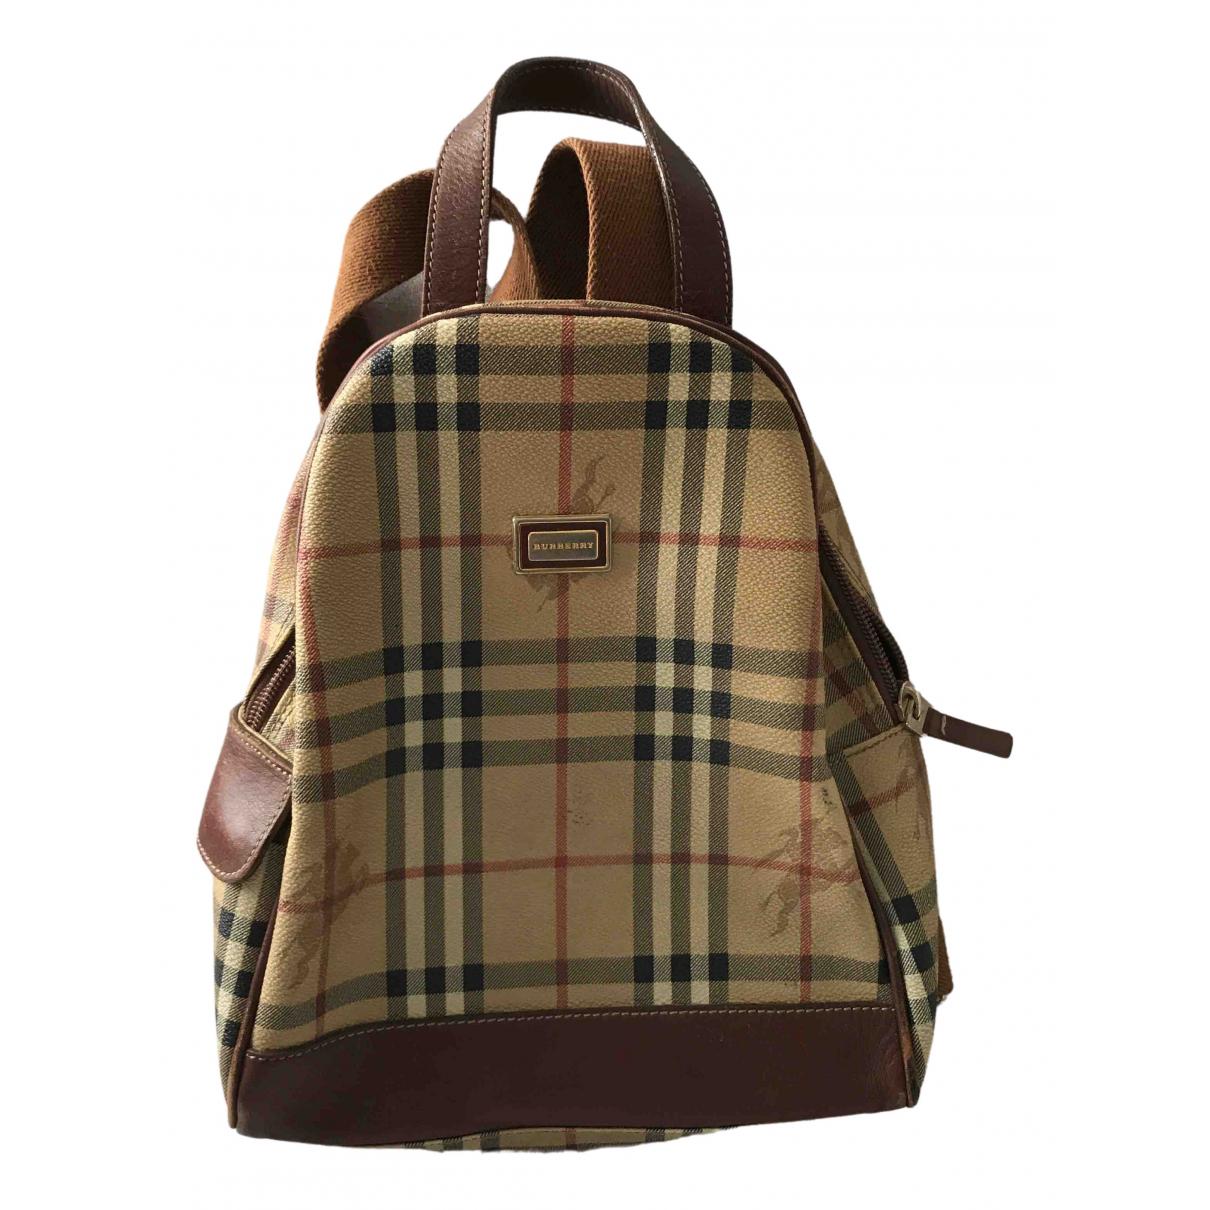 Burberry \N Beige Cloth backpack for Women \N